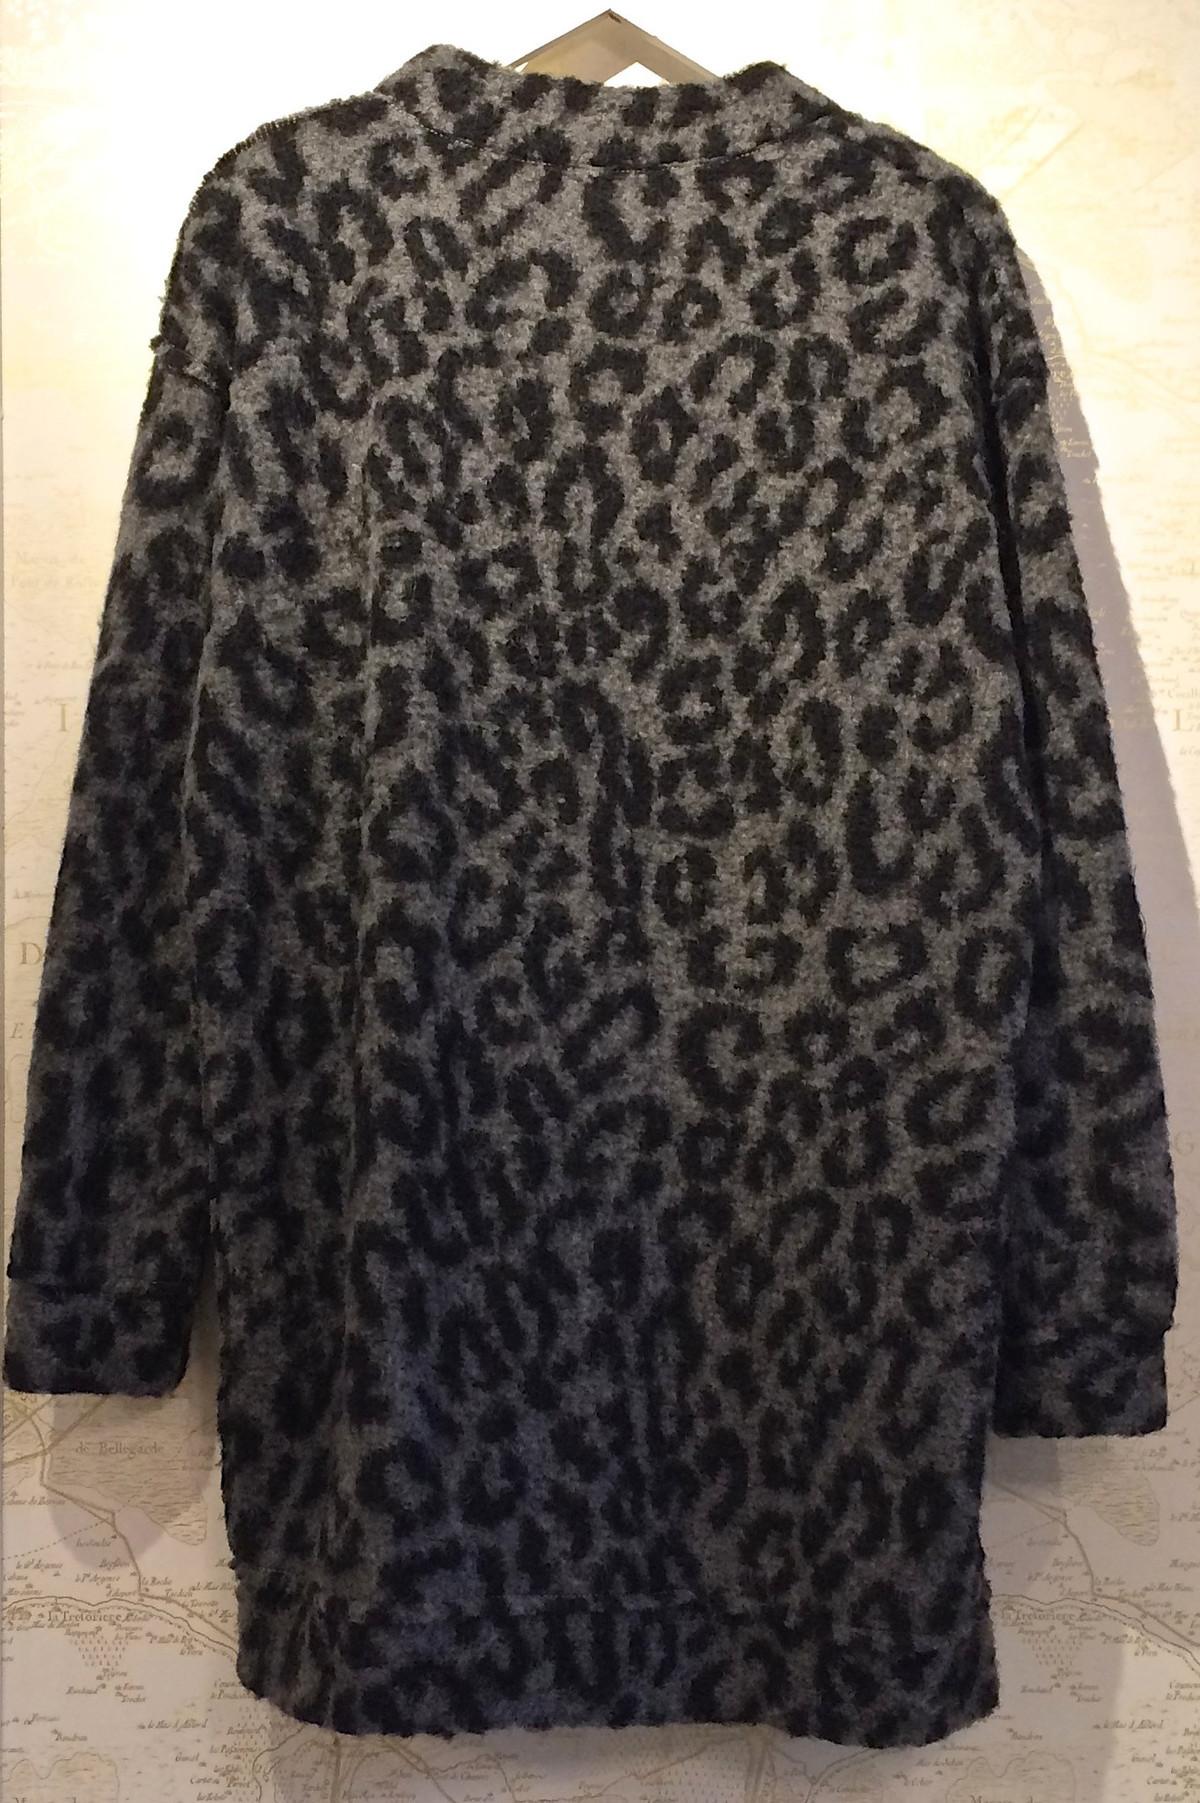 R13 Leopard Knit Cardigan | Garmentory